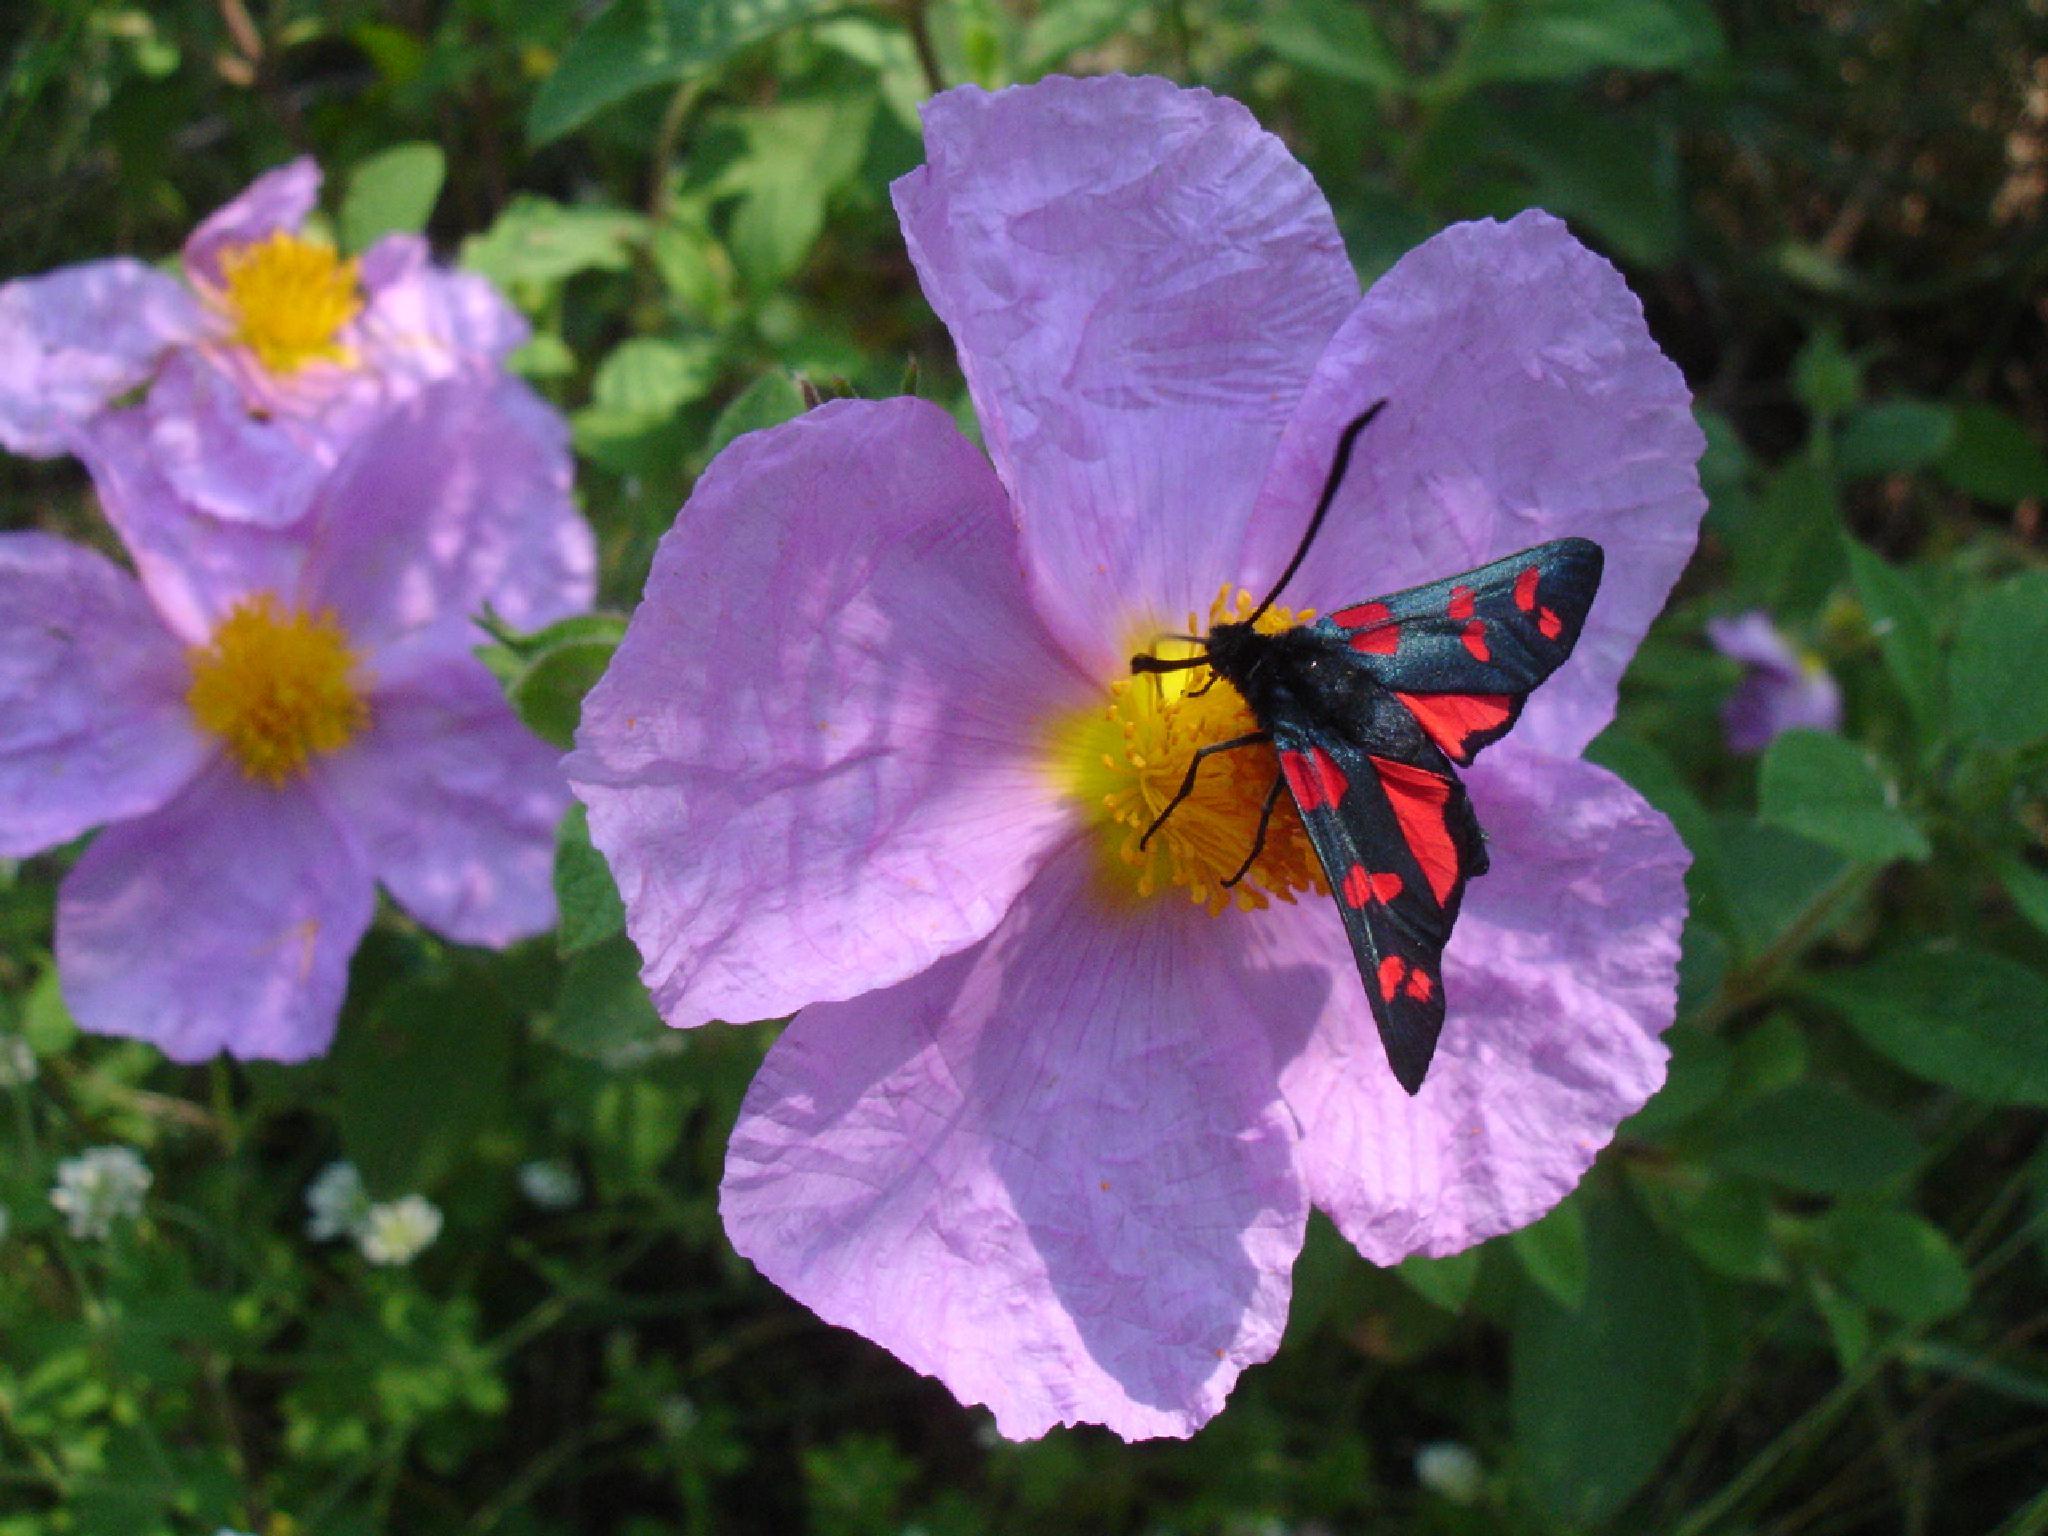 Flowers and butterflies by Saygın Saner